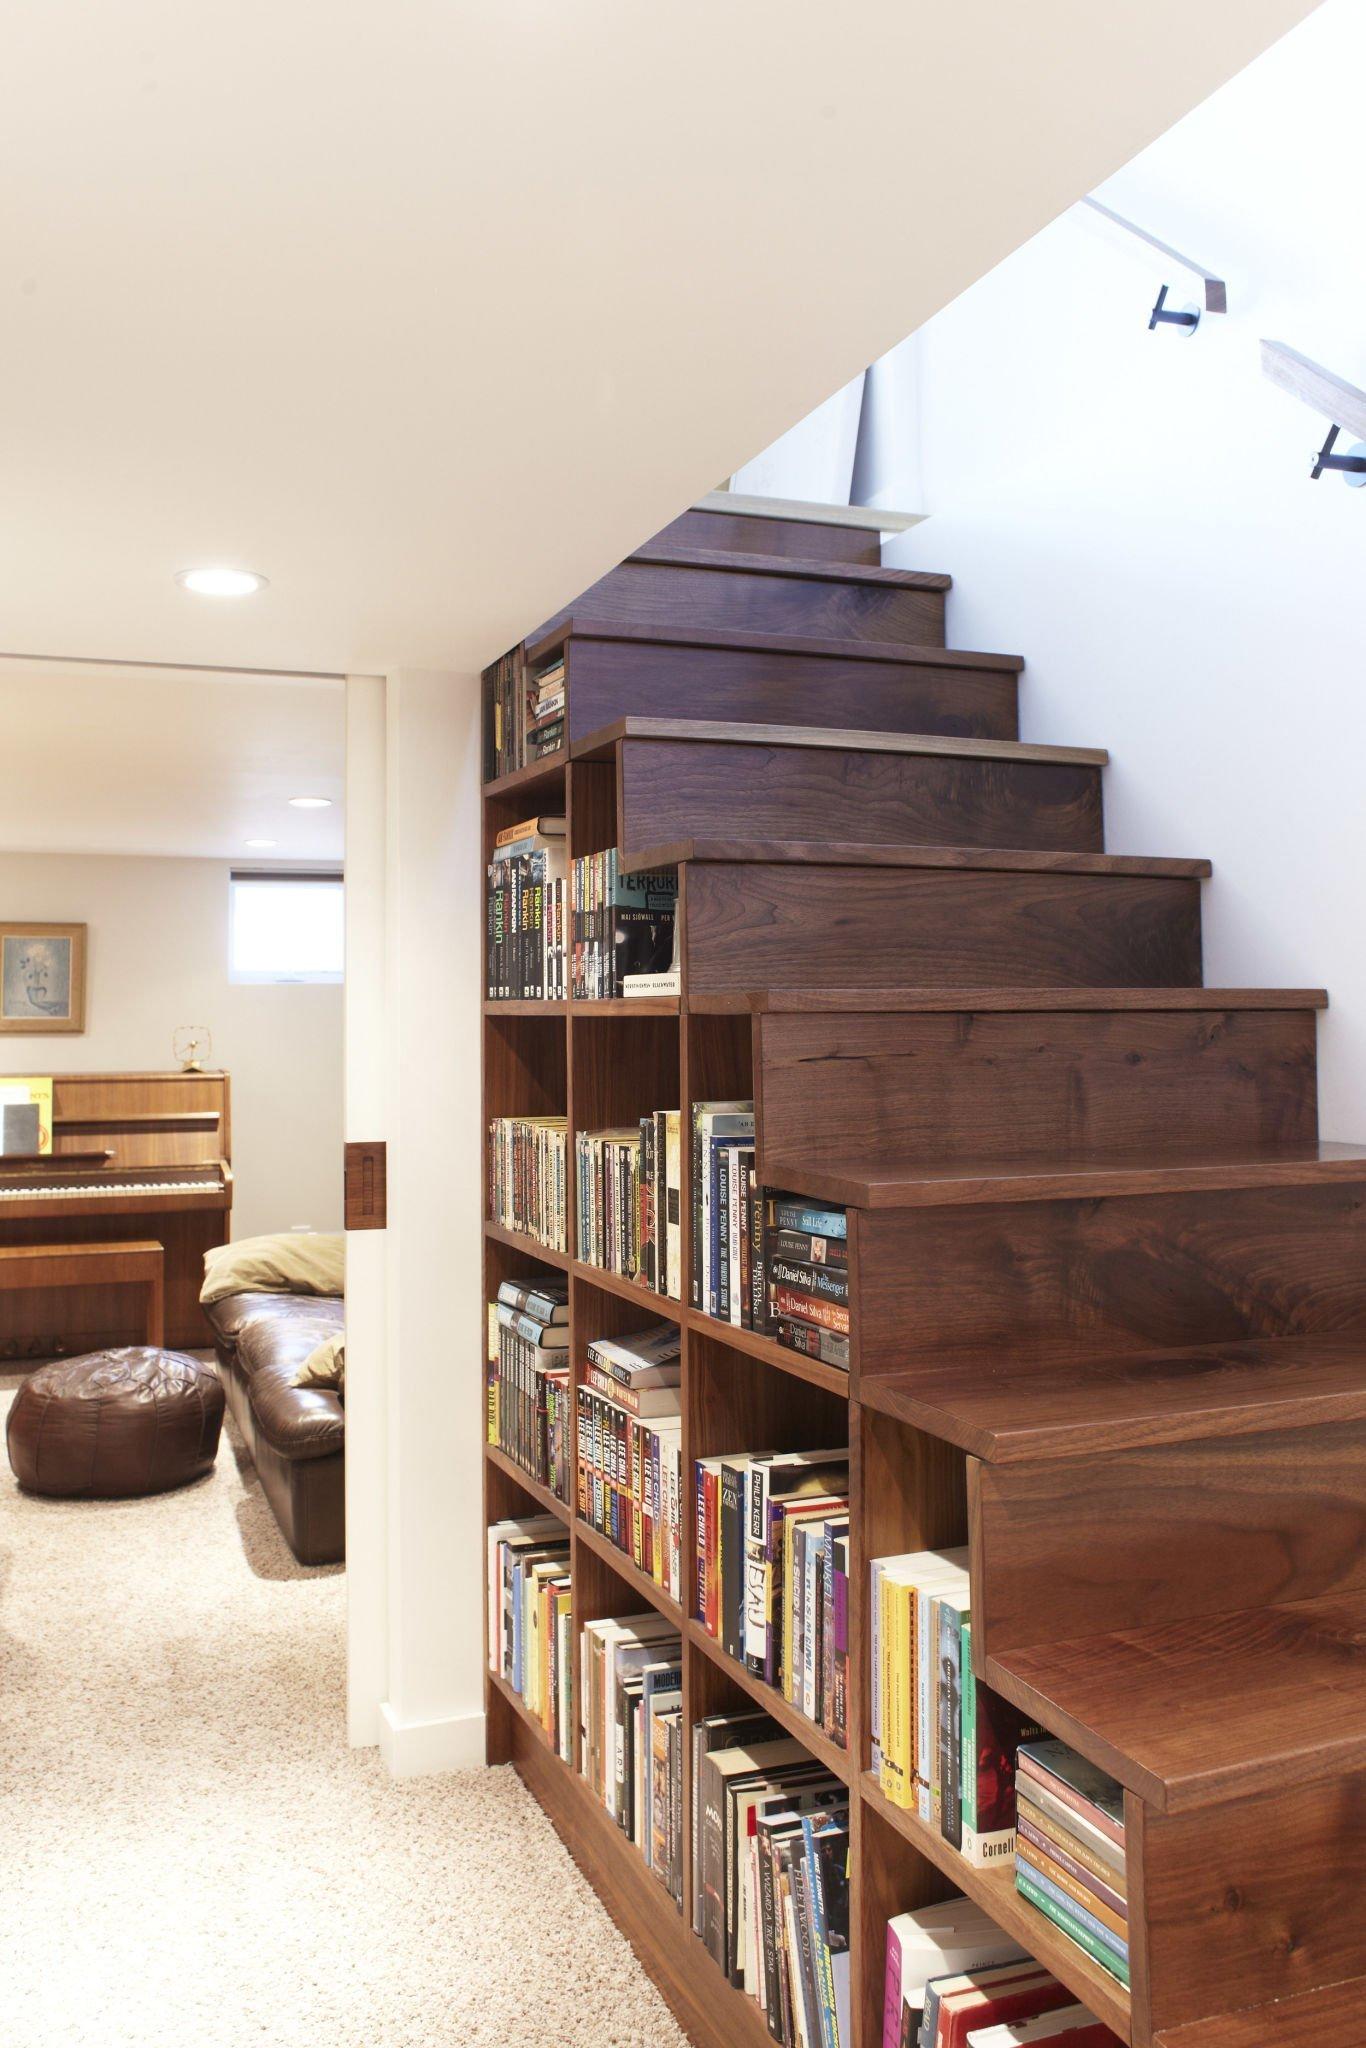 Knihovnu můžete umístit na bok schodů nebo přímo do podstupňů.